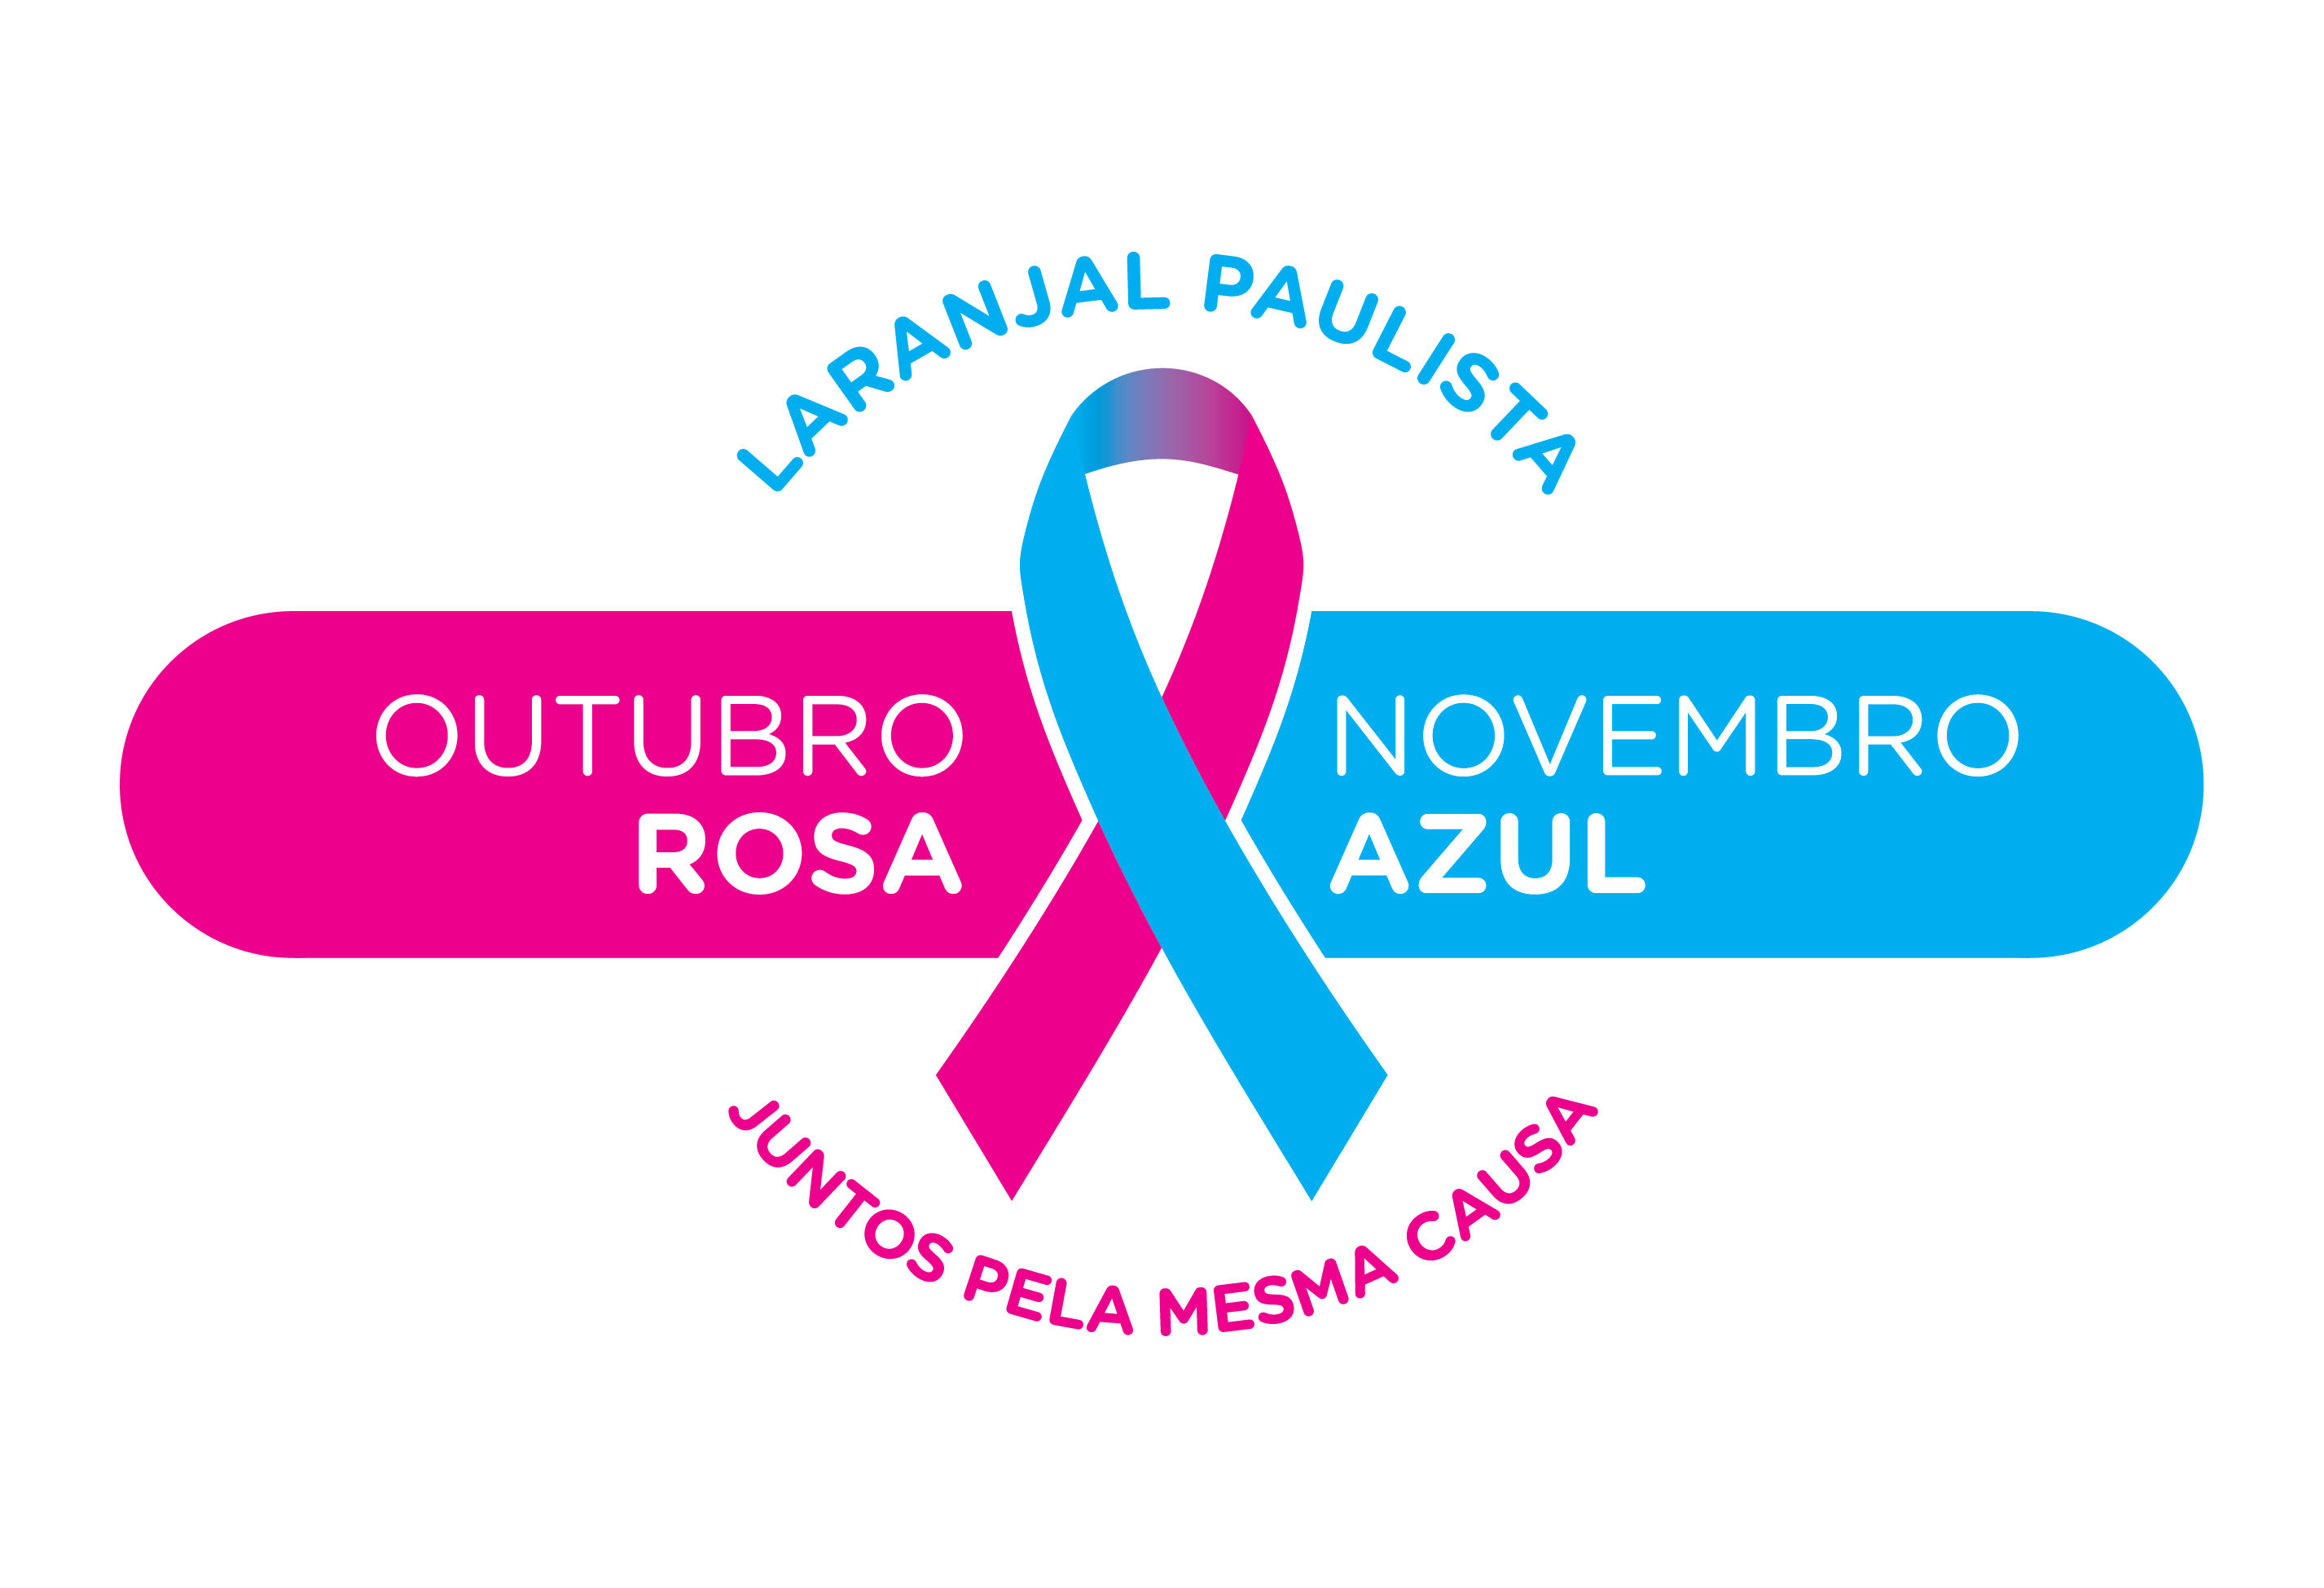 Laranjal Paulista em prol as campanhas Outubro Rosa e Novembro Azul Juntos pela mesma causa  -> Decoração Para Outubro Rosa E Novembro Azul